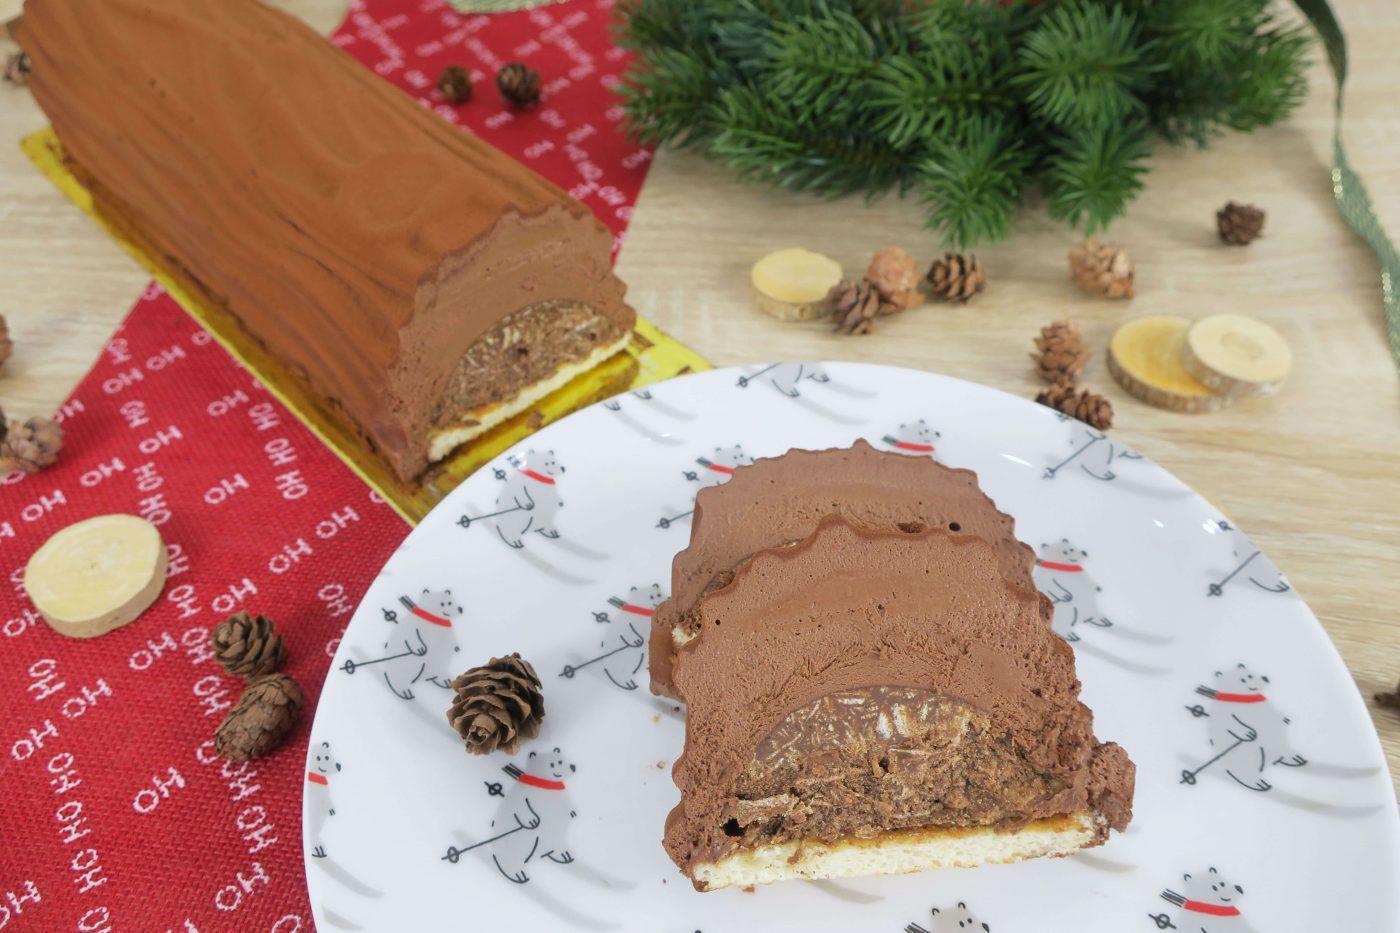 Bûche au chocolat et praliné croustillant